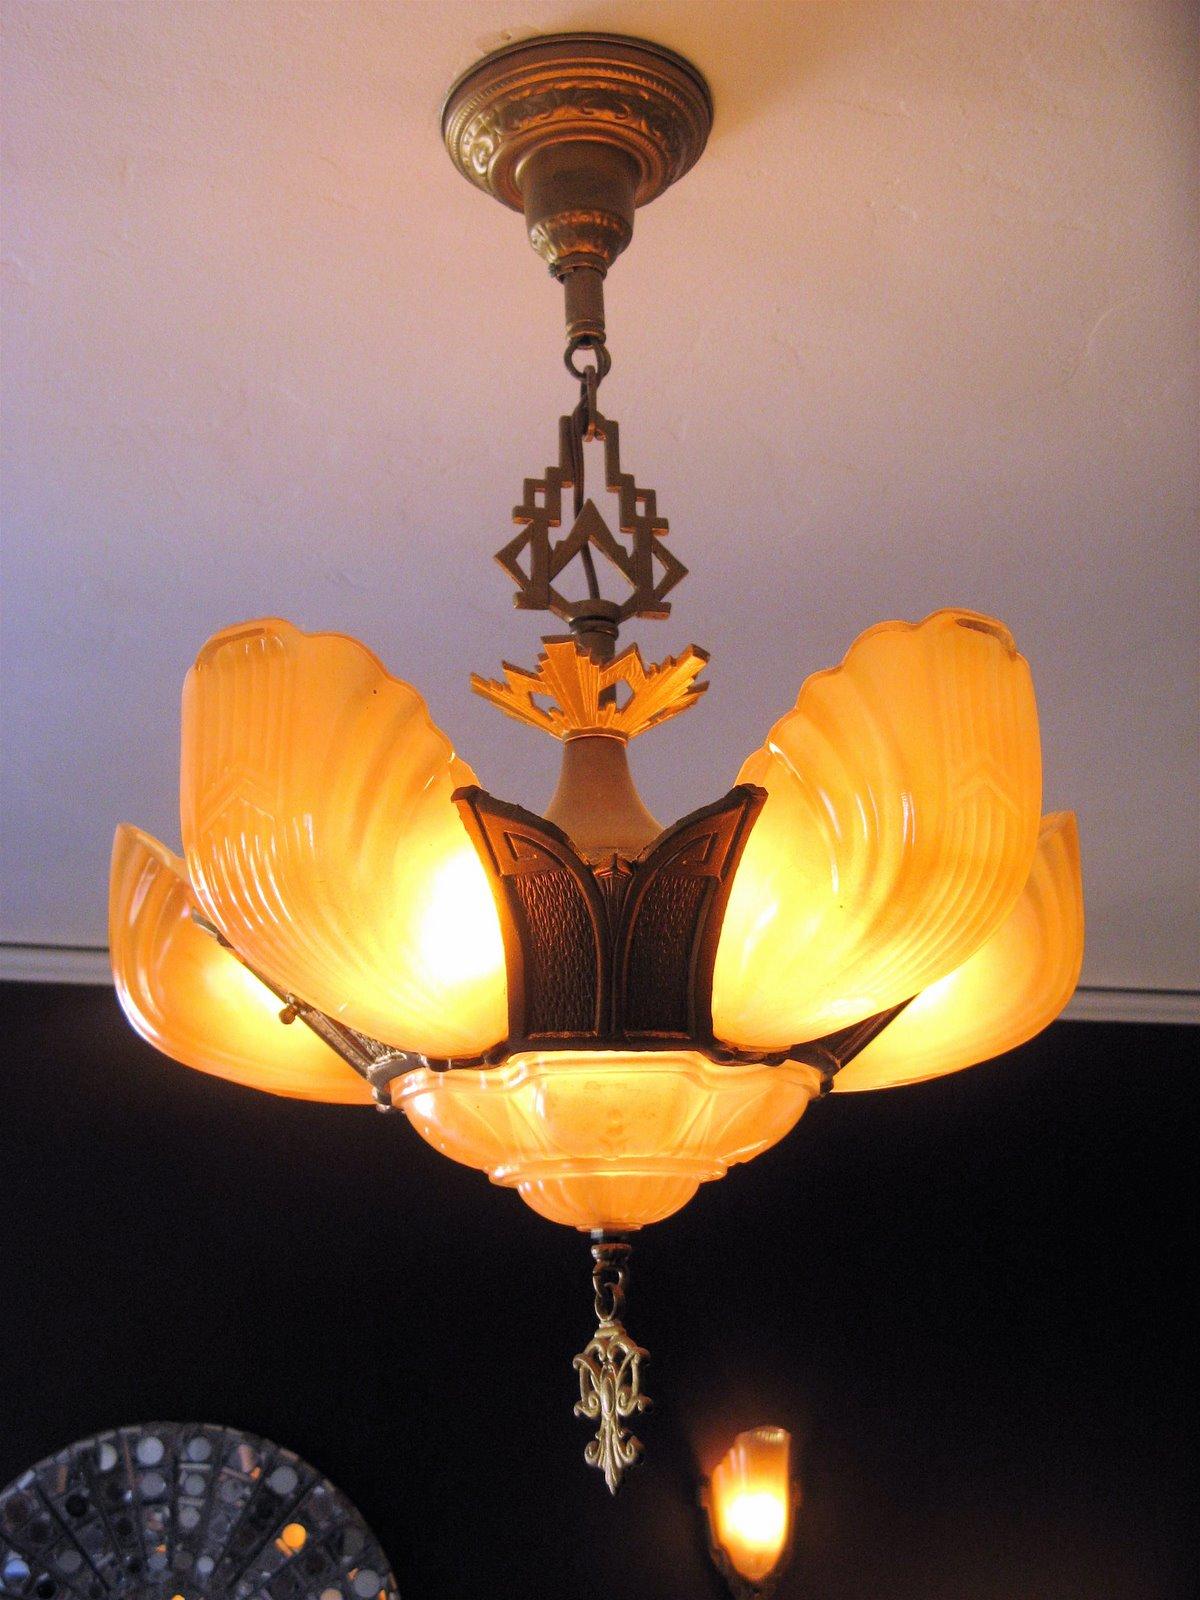 Halogen Lamp and Outdoor Lighting: Art Deco Lighting